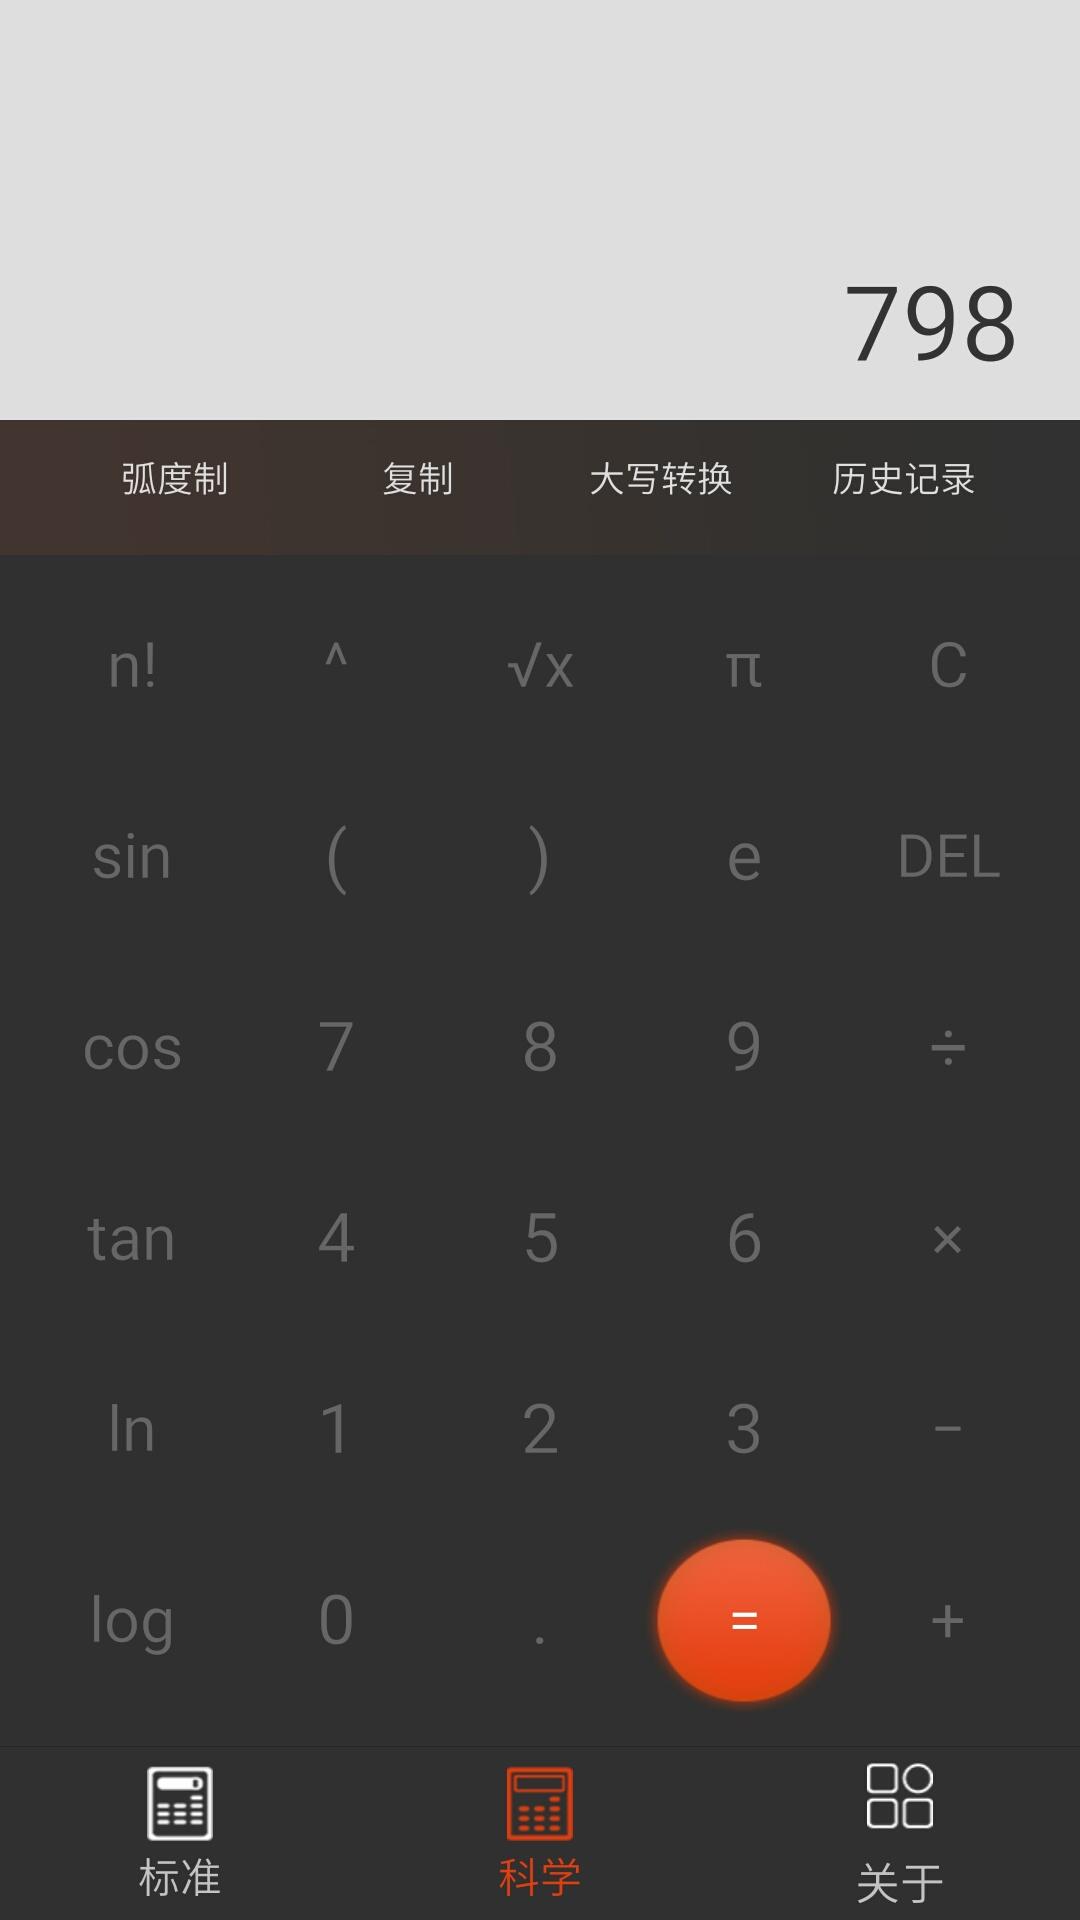 酷黑黑计算器-应用截图